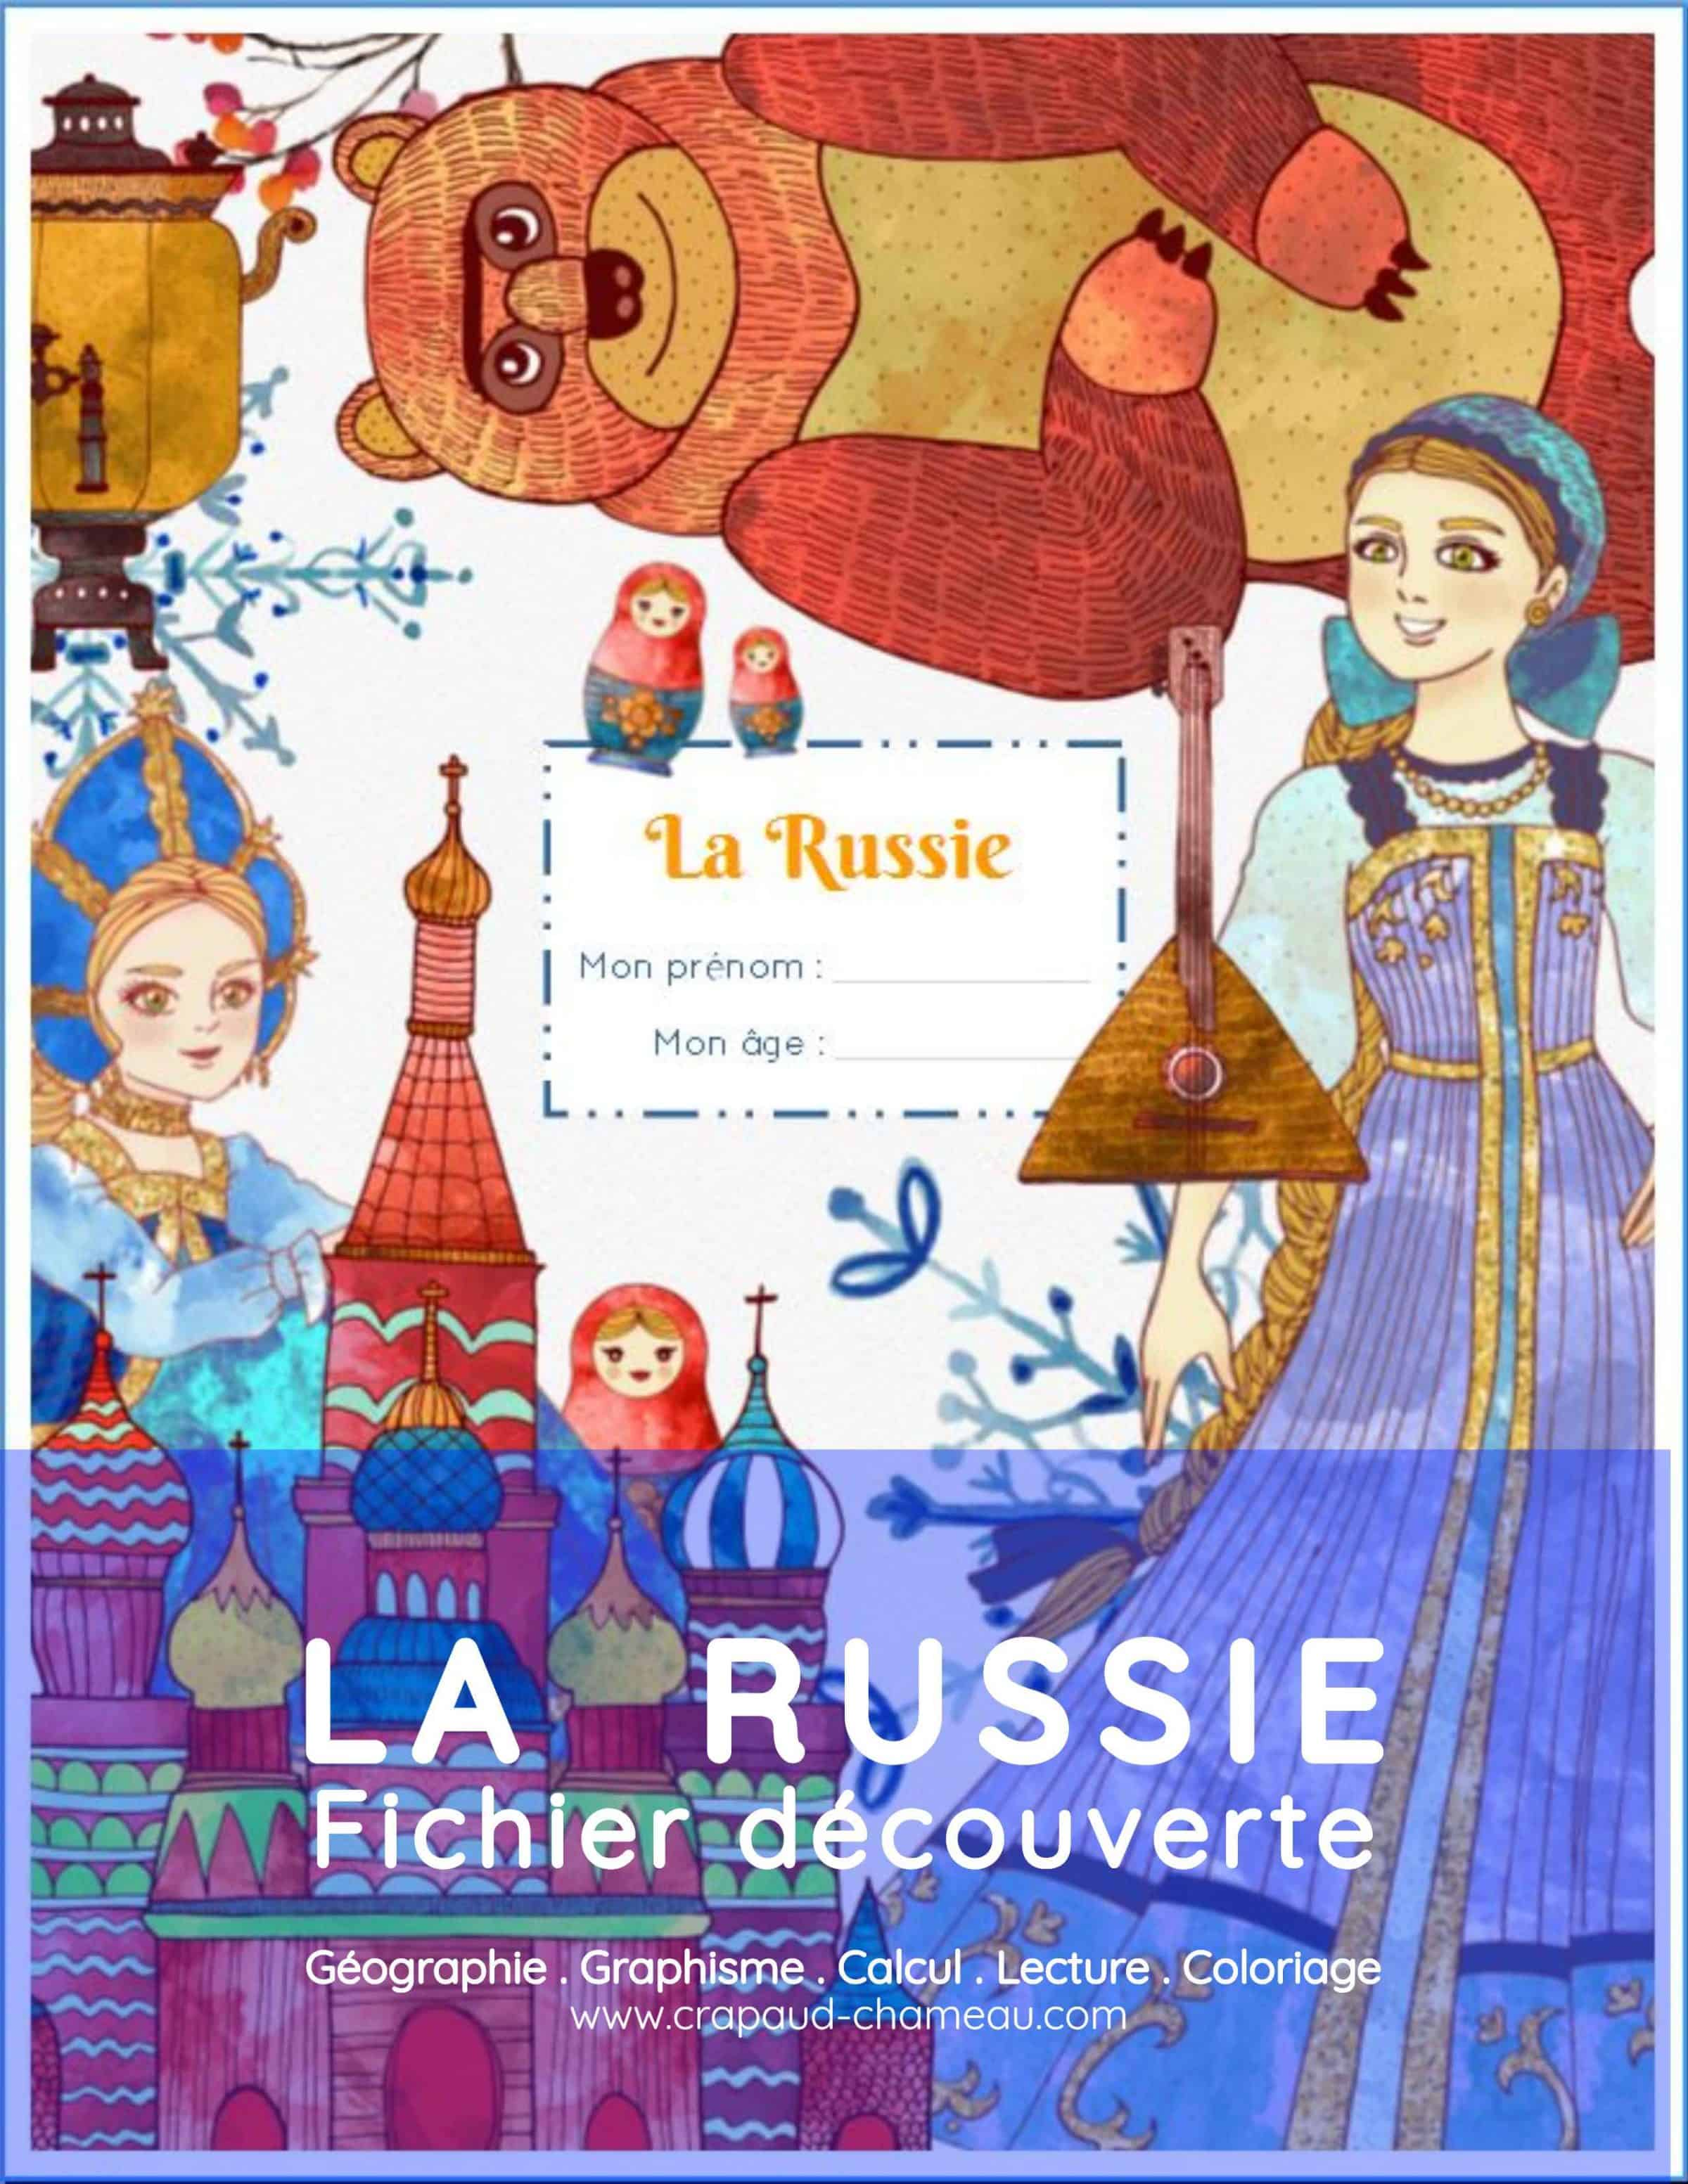 Fichier La Russie copyright crapaud-chameau.com